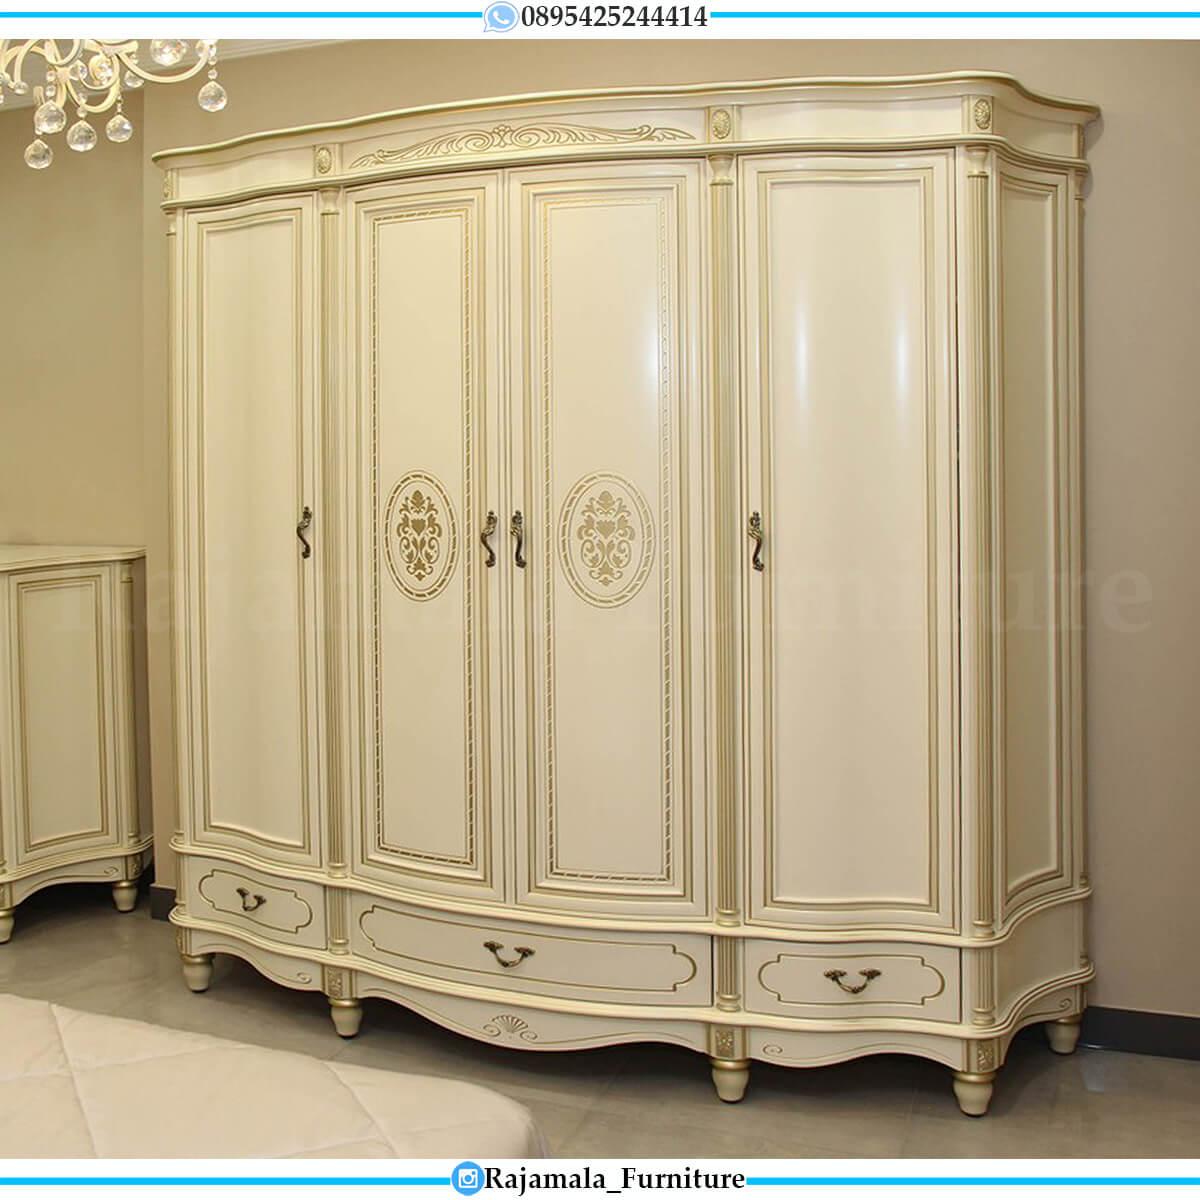 Lemari Pakaian Mewah Putih Duco Luxurious Palace Design RM-0558